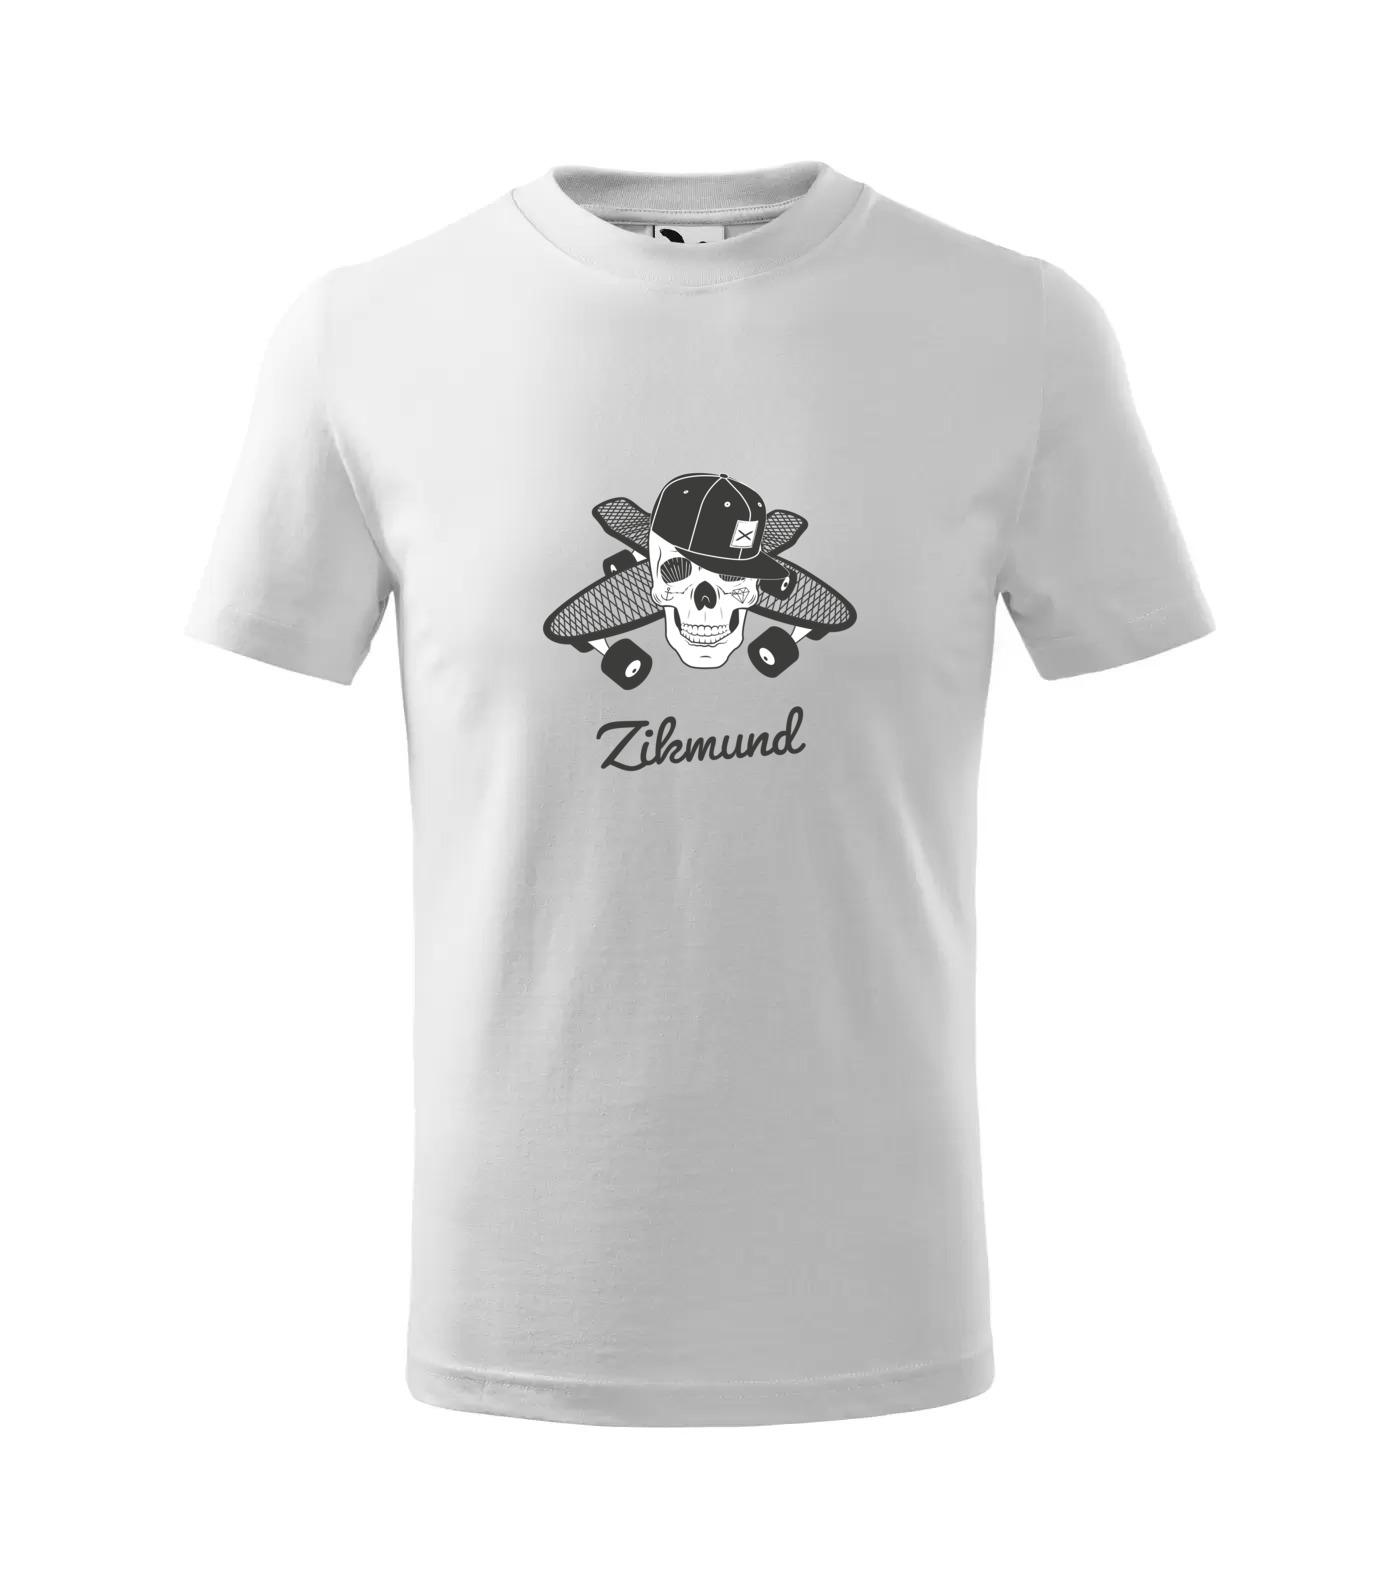 Tričko Skejťák Zikmund